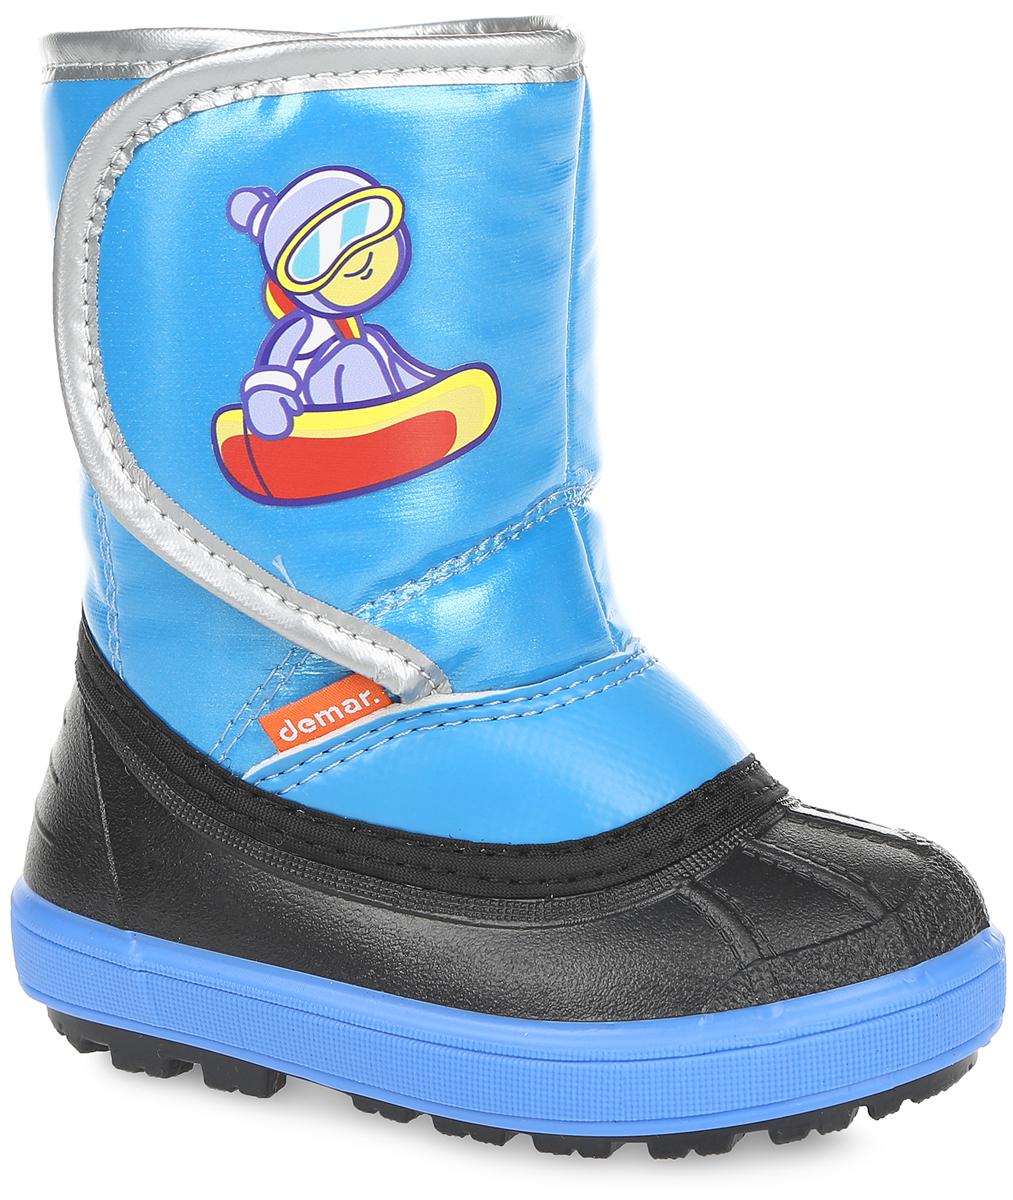 Дутики детские Demar, цвет: синий. 1505. Размер 26/271505Стильные дутики Snowboarder от Demar придутся по вкусу вашему ребенку. Модель выполнена из текстиля и ПВХ. Модель регулируется по обхвату голенища при помощи хлястика на липучке, оформленного оригинальной наклейкой. Главным преимуществом является наличие съемного носка из натуральной шерсти, который можно вынуть и легко просушить. Подошва с рельефным протектором обеспечит отличное сцепление с любыми поверхностями. Удобные дутики - необходимая вещь в гардеробе вашего ребенка.